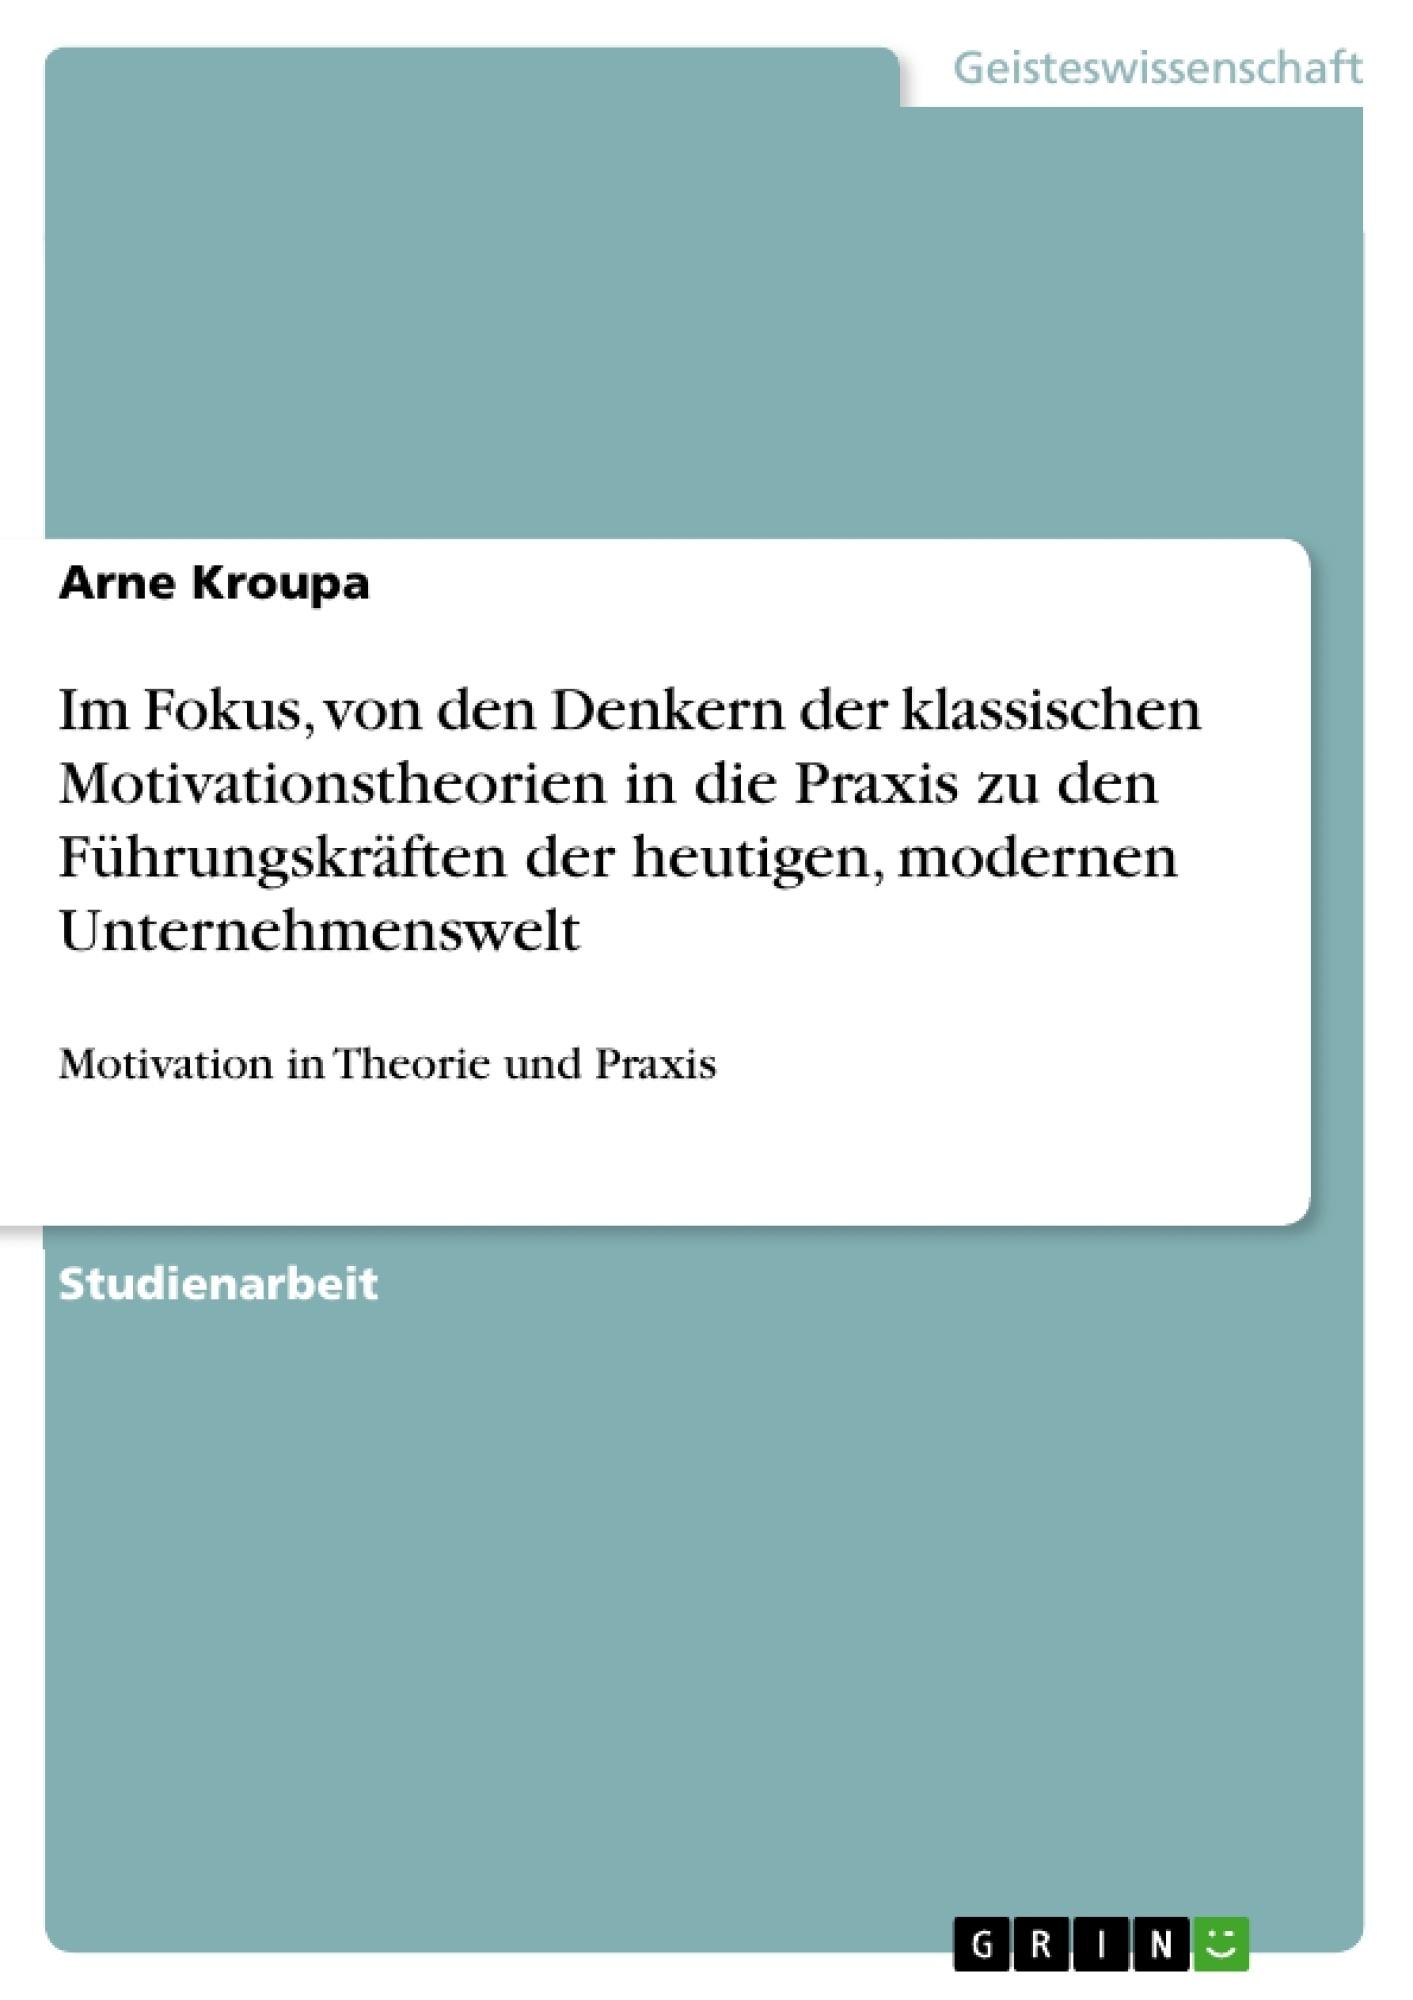 Titel: Im Fokus, von den  Denkern der klassischen Motivationstheorien in die Praxis zu den Führungskräften der heutigen, modernen Unternehmenswelt